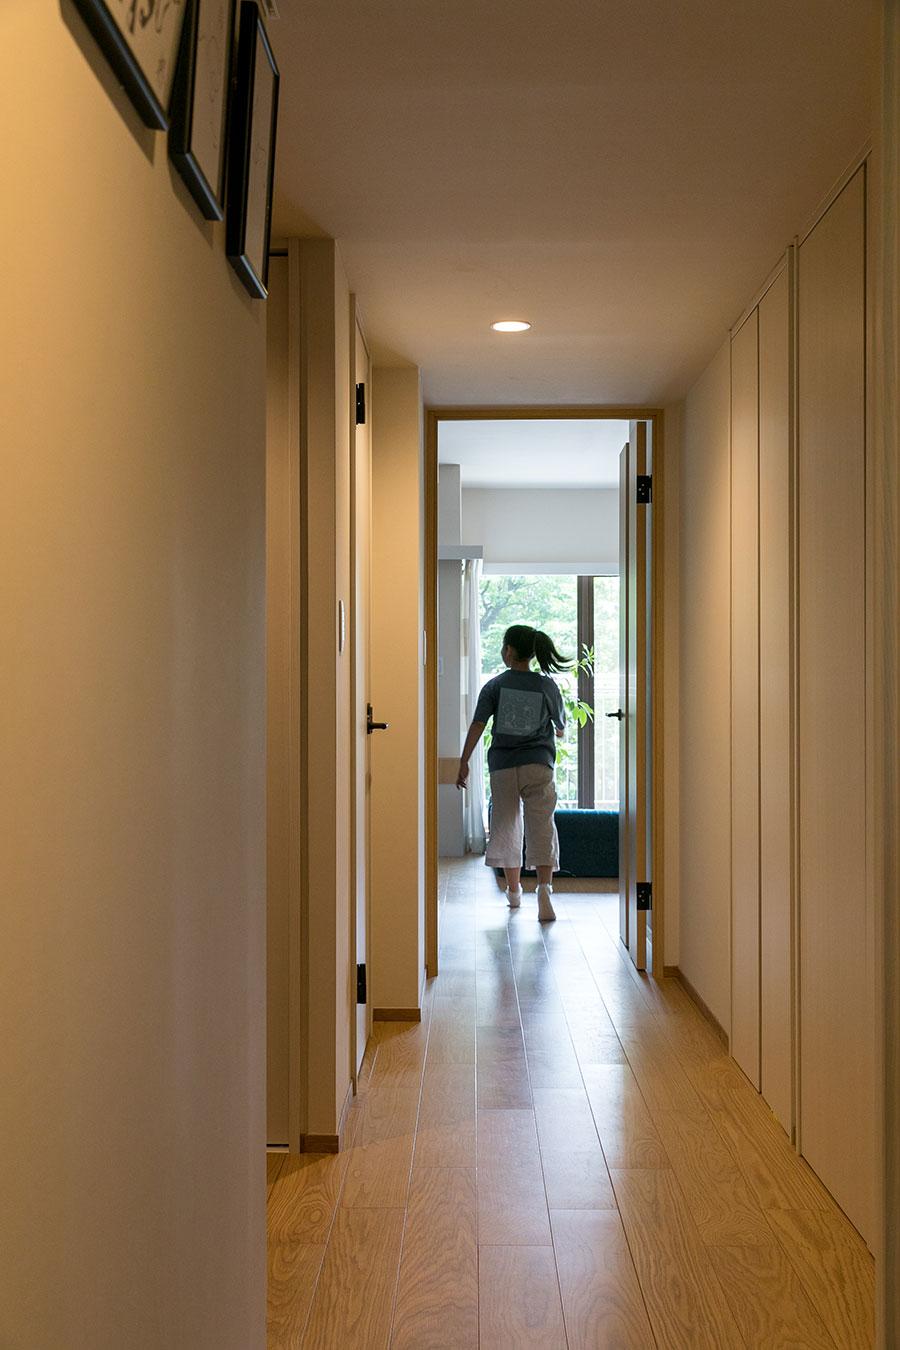 廊下は、白を基調に壁紙や建具を設え、すっきりした印象に。居室となる部屋はフローリングに合わせた木の色合い、居室以外(トイレ、浴室、収納)は廊下の壁紙と一体感のある白地を選んでいる